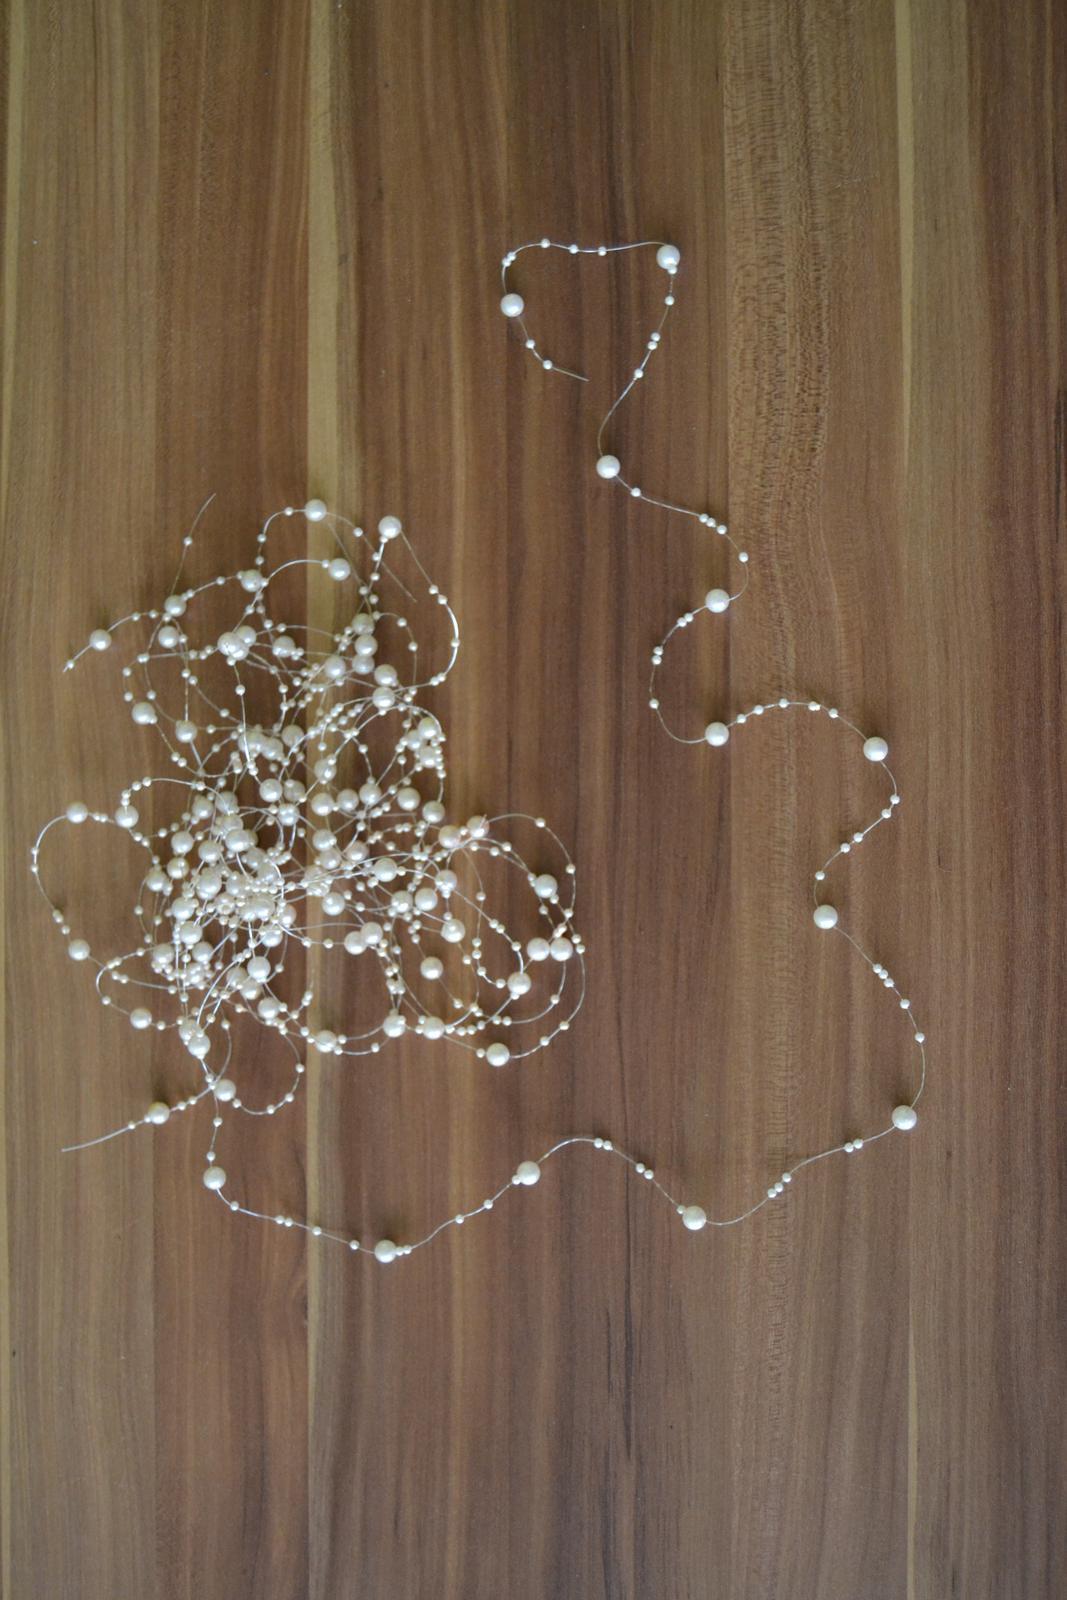 Perličky na vlasci, champagne 6 ks. - Obrázek č. 1